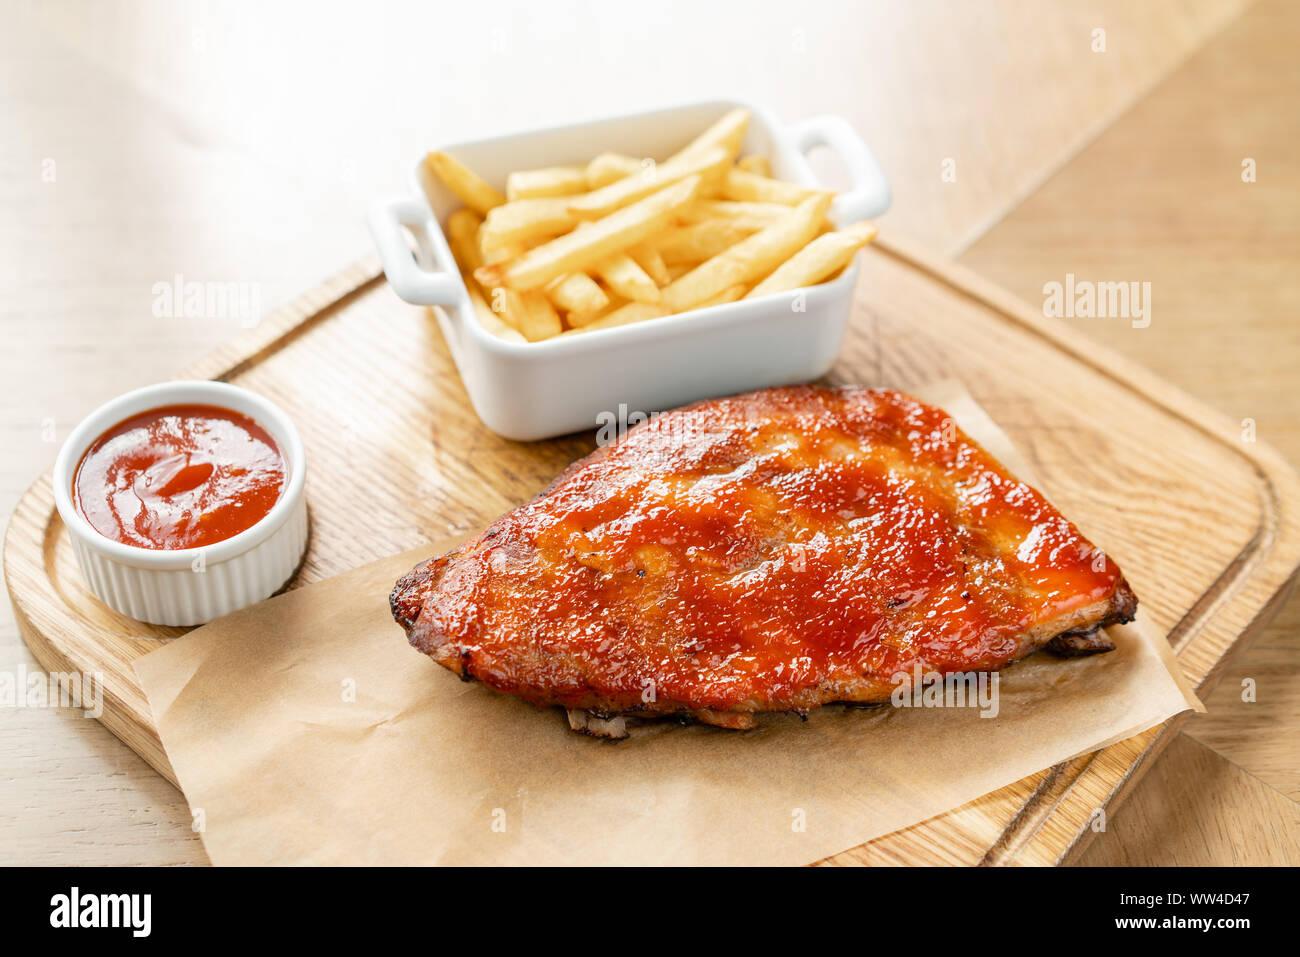 Côtelette de porc barbecue. Côtes de porc grillées avec bébé sauce barbecue épicée servis avec frites. Banque D'Images